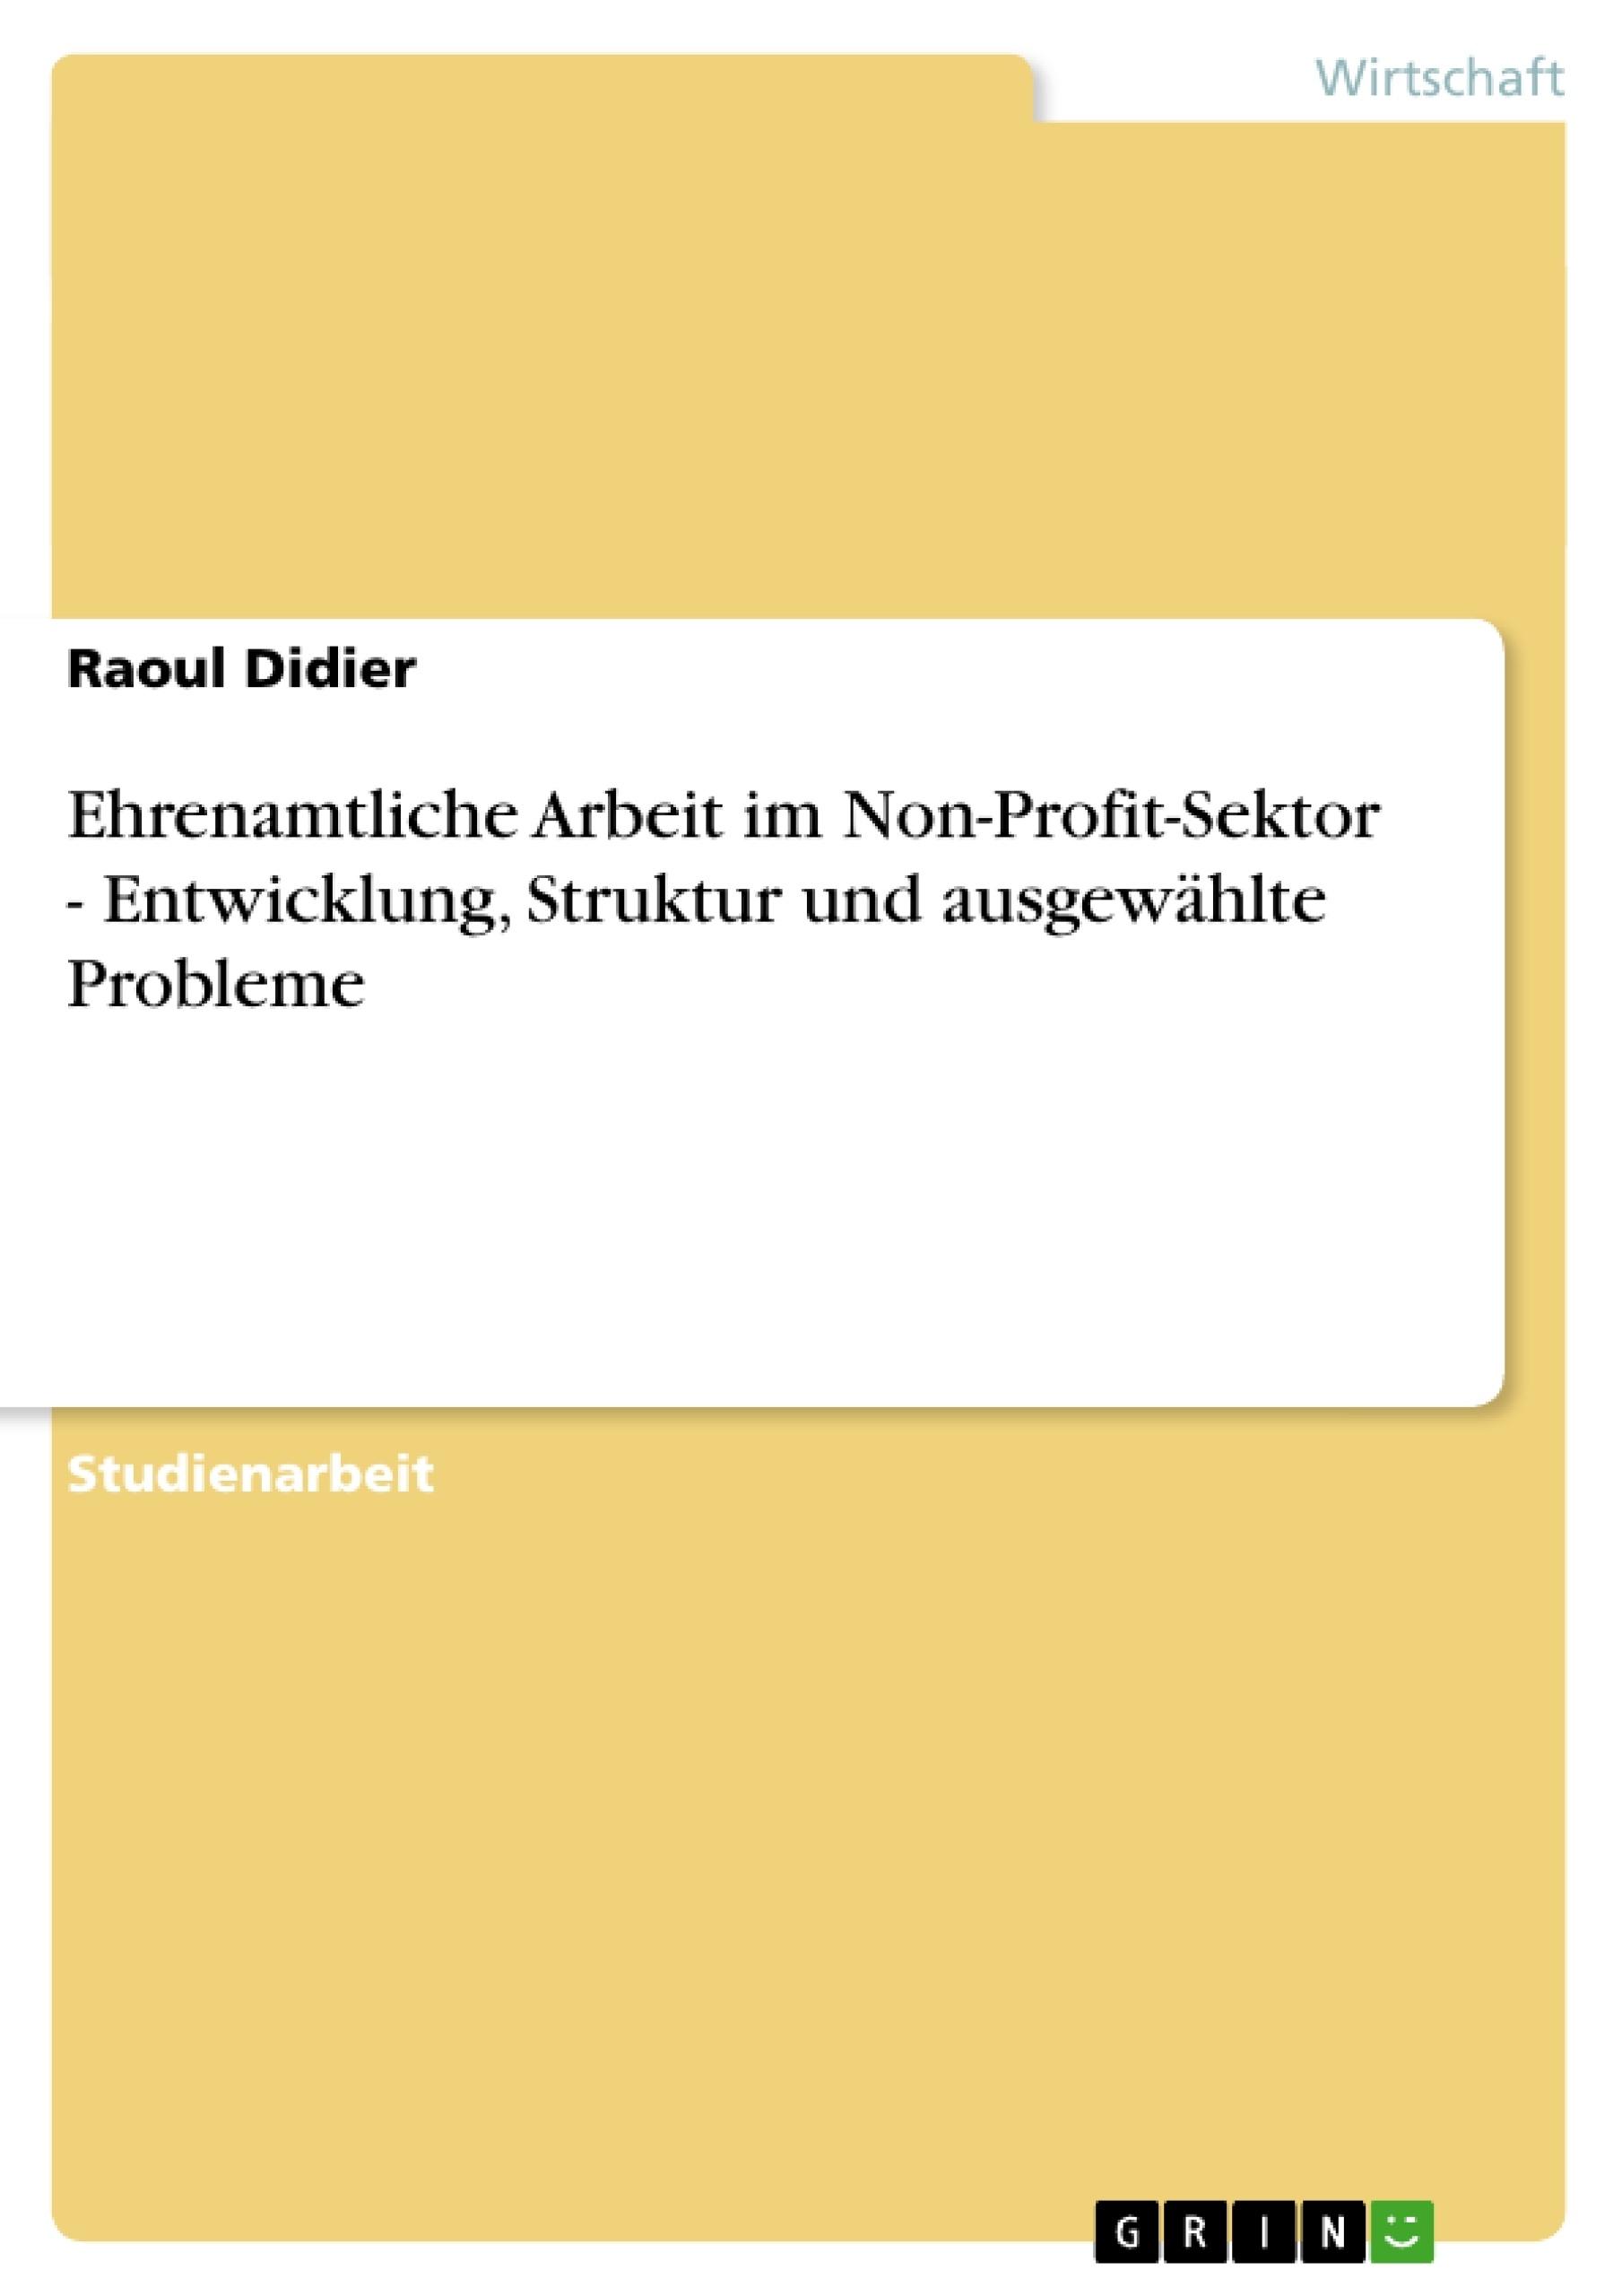 Titel: Ehrenamtliche Arbeit im Non-Profit-Sektor - Entwicklung, Struktur und ausgewählte Probleme